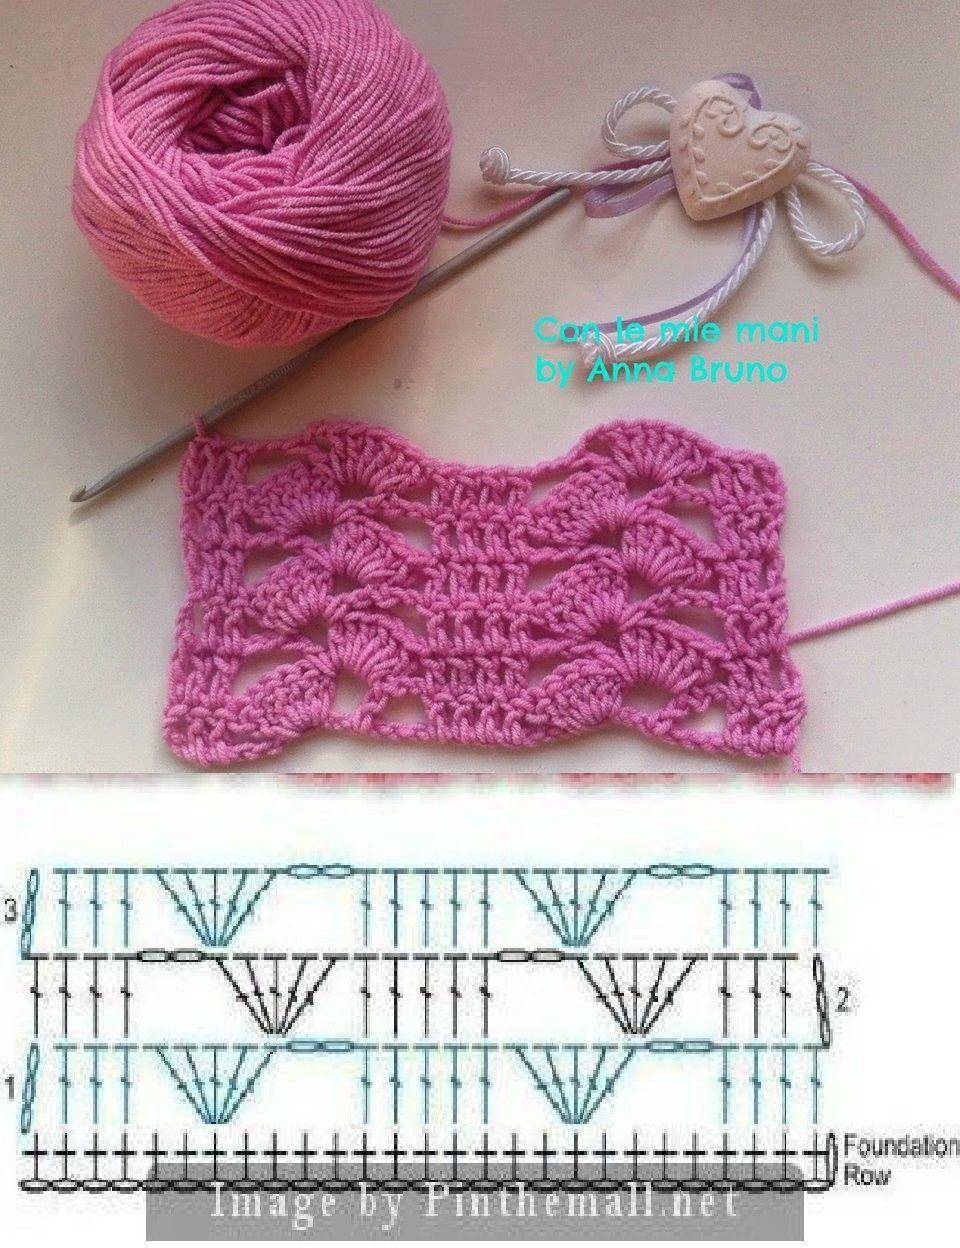 Rosa Bernal | Crochet | Pinterest | Häkelmuster, Häkeln und Muster